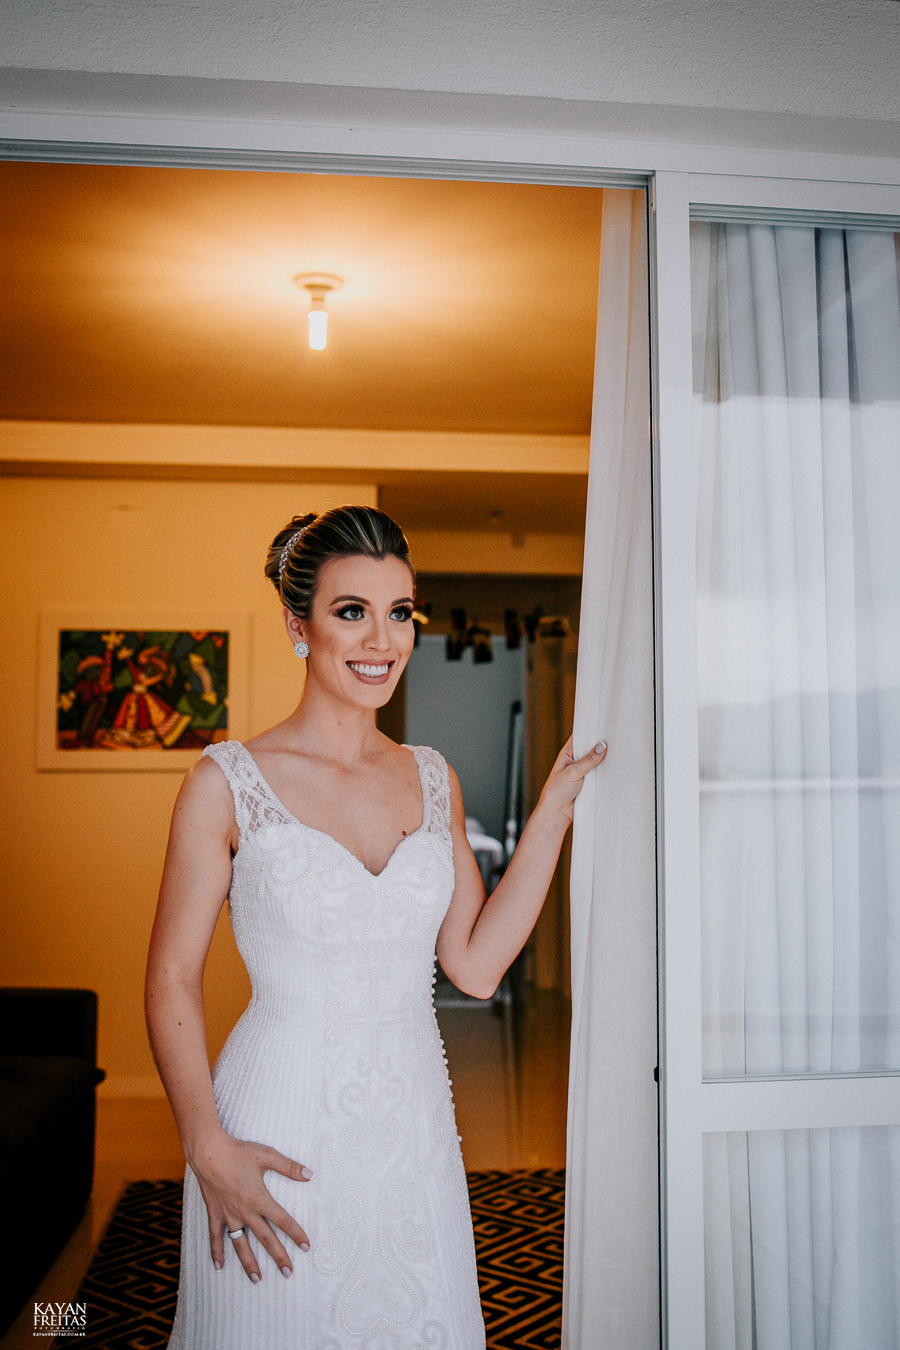 louiza-angelo-casamento-0042 Casamento Louiza e Angelo - Espaço Contemporâneo